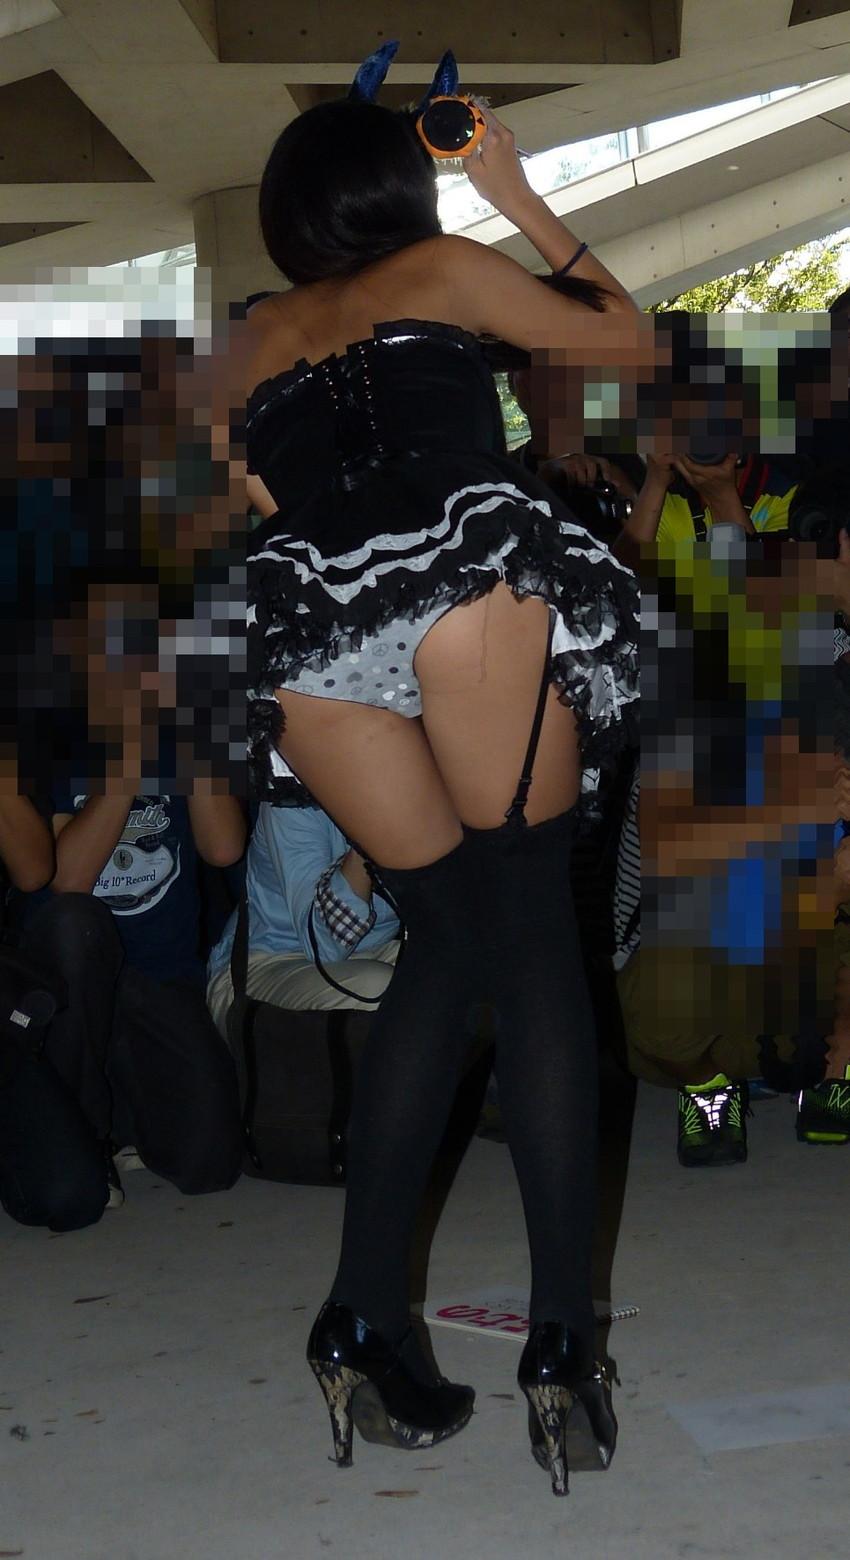 【コミケエロ画像】コスプレ会場で見かけた過激コスプレの素人娘たちに下半身沸騰w 24